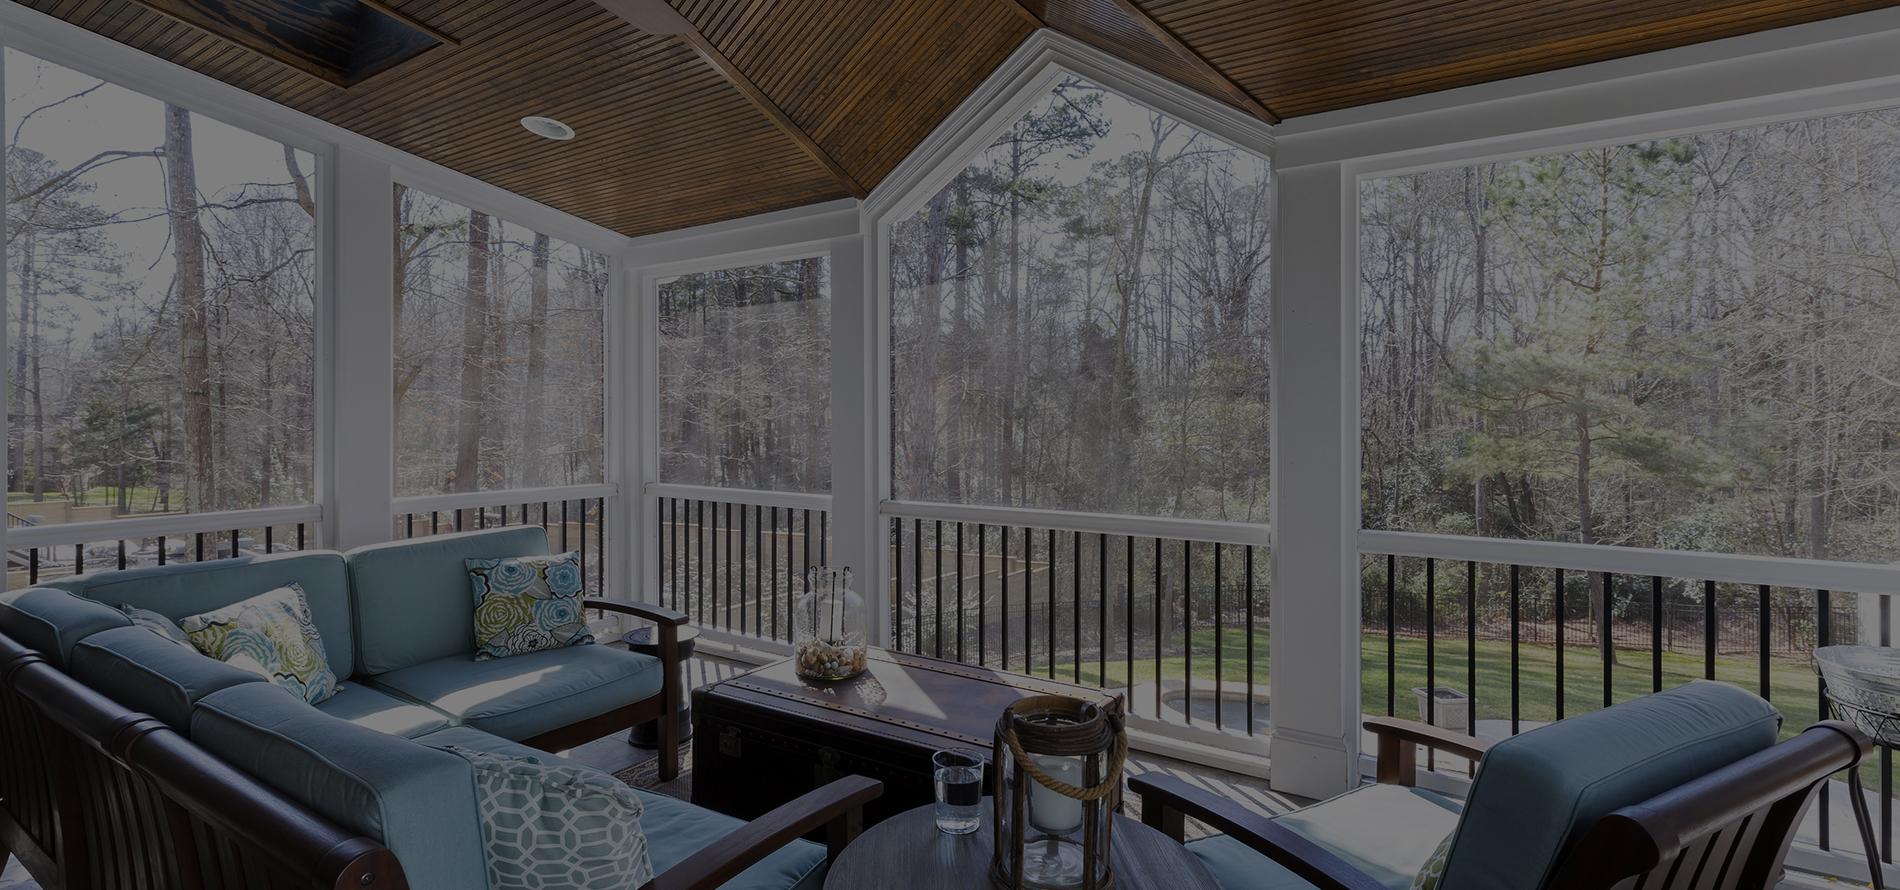 Home Remodel Lakenorman Patstough Hmp